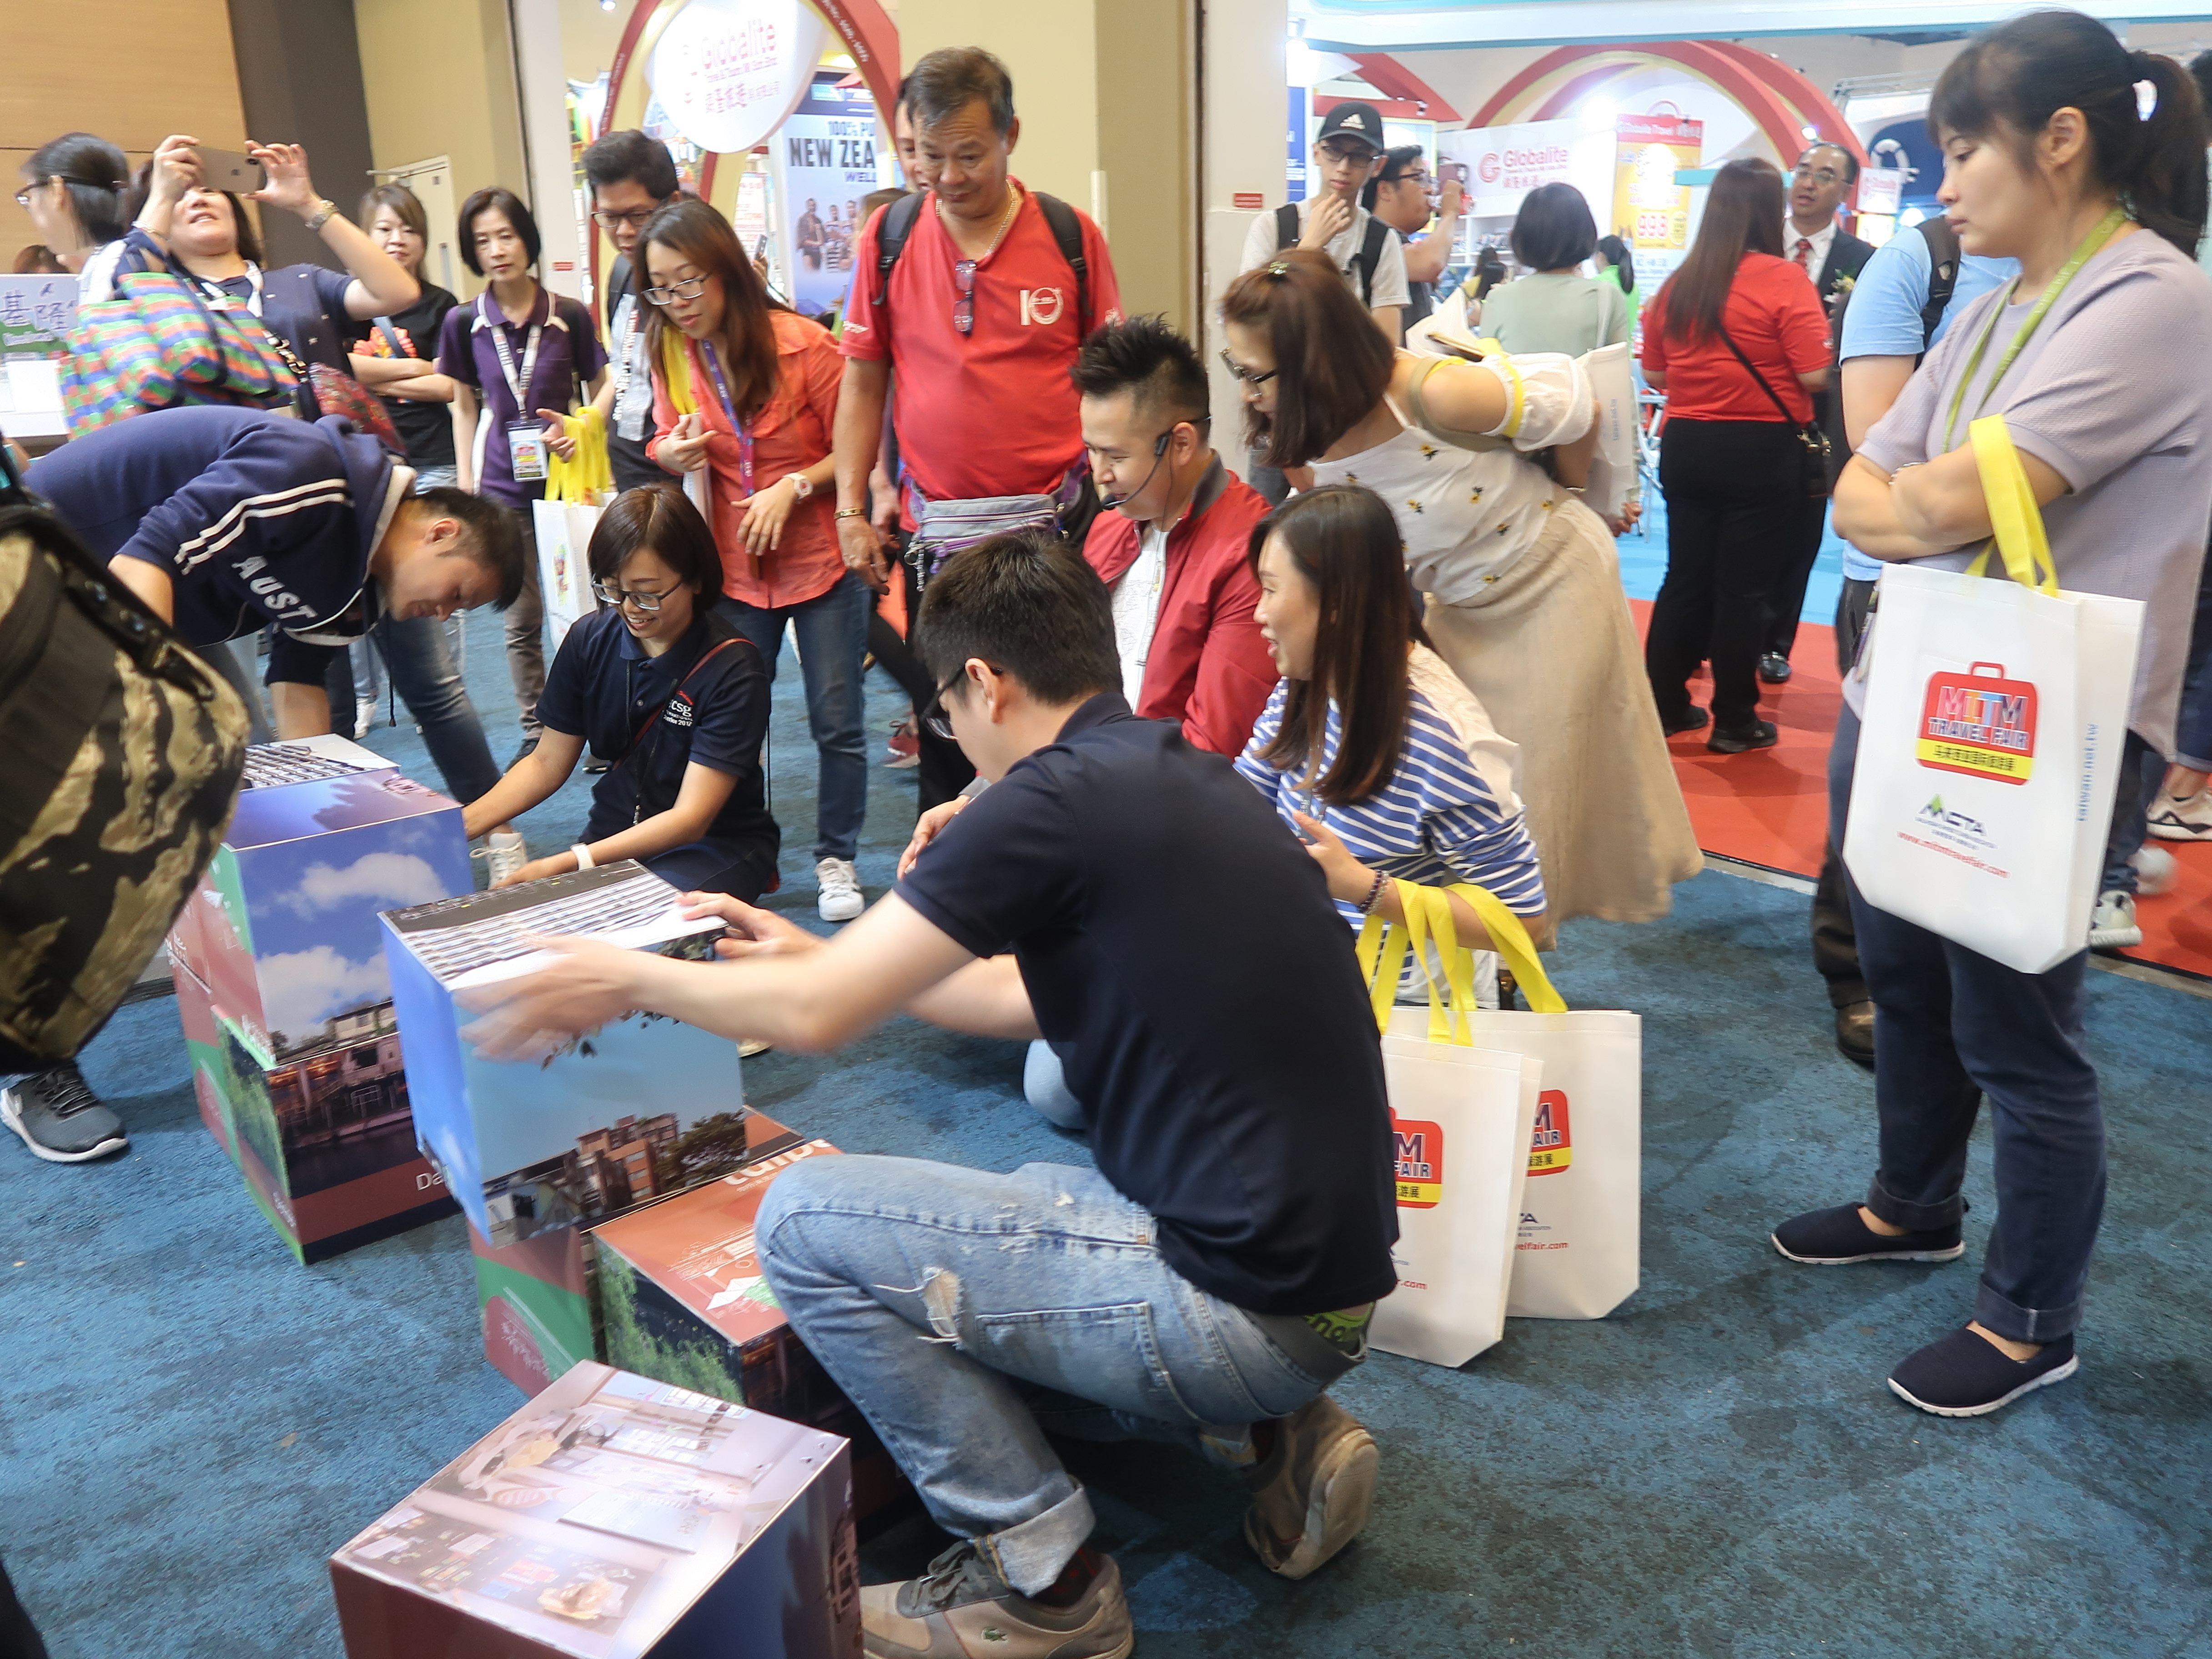 大馬遊客競相參與「五大城市人文生活場域」拼圖遊戲。